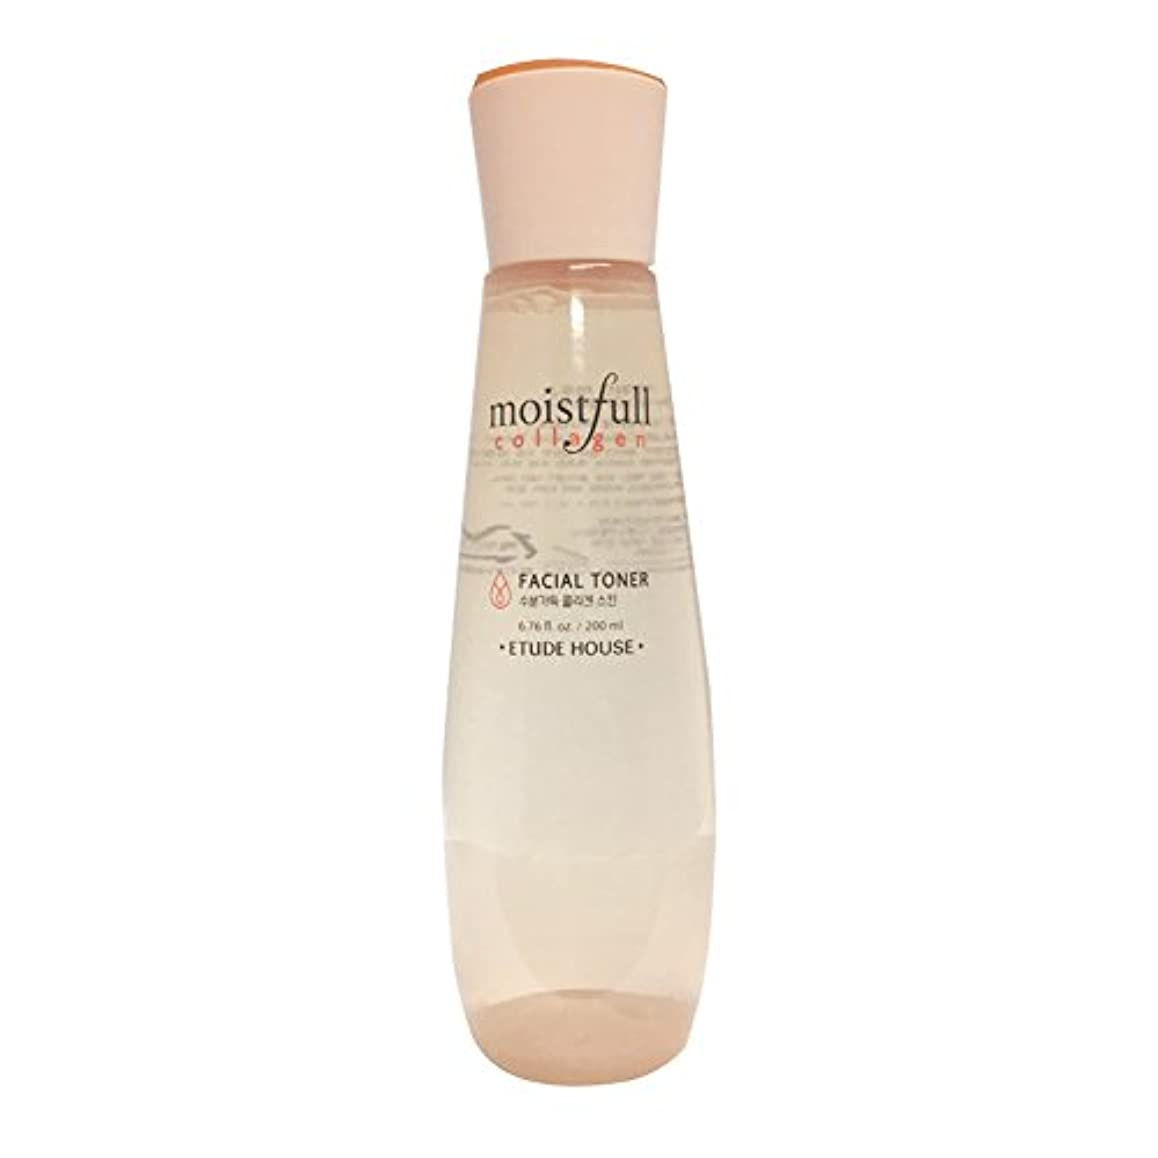 エチュードハウス (ETUDE HOUSE) モイストフル コラーゲン スキン (moistfull collagen FACIAL TONER) [化粧水 200ml] [並行輸入品]